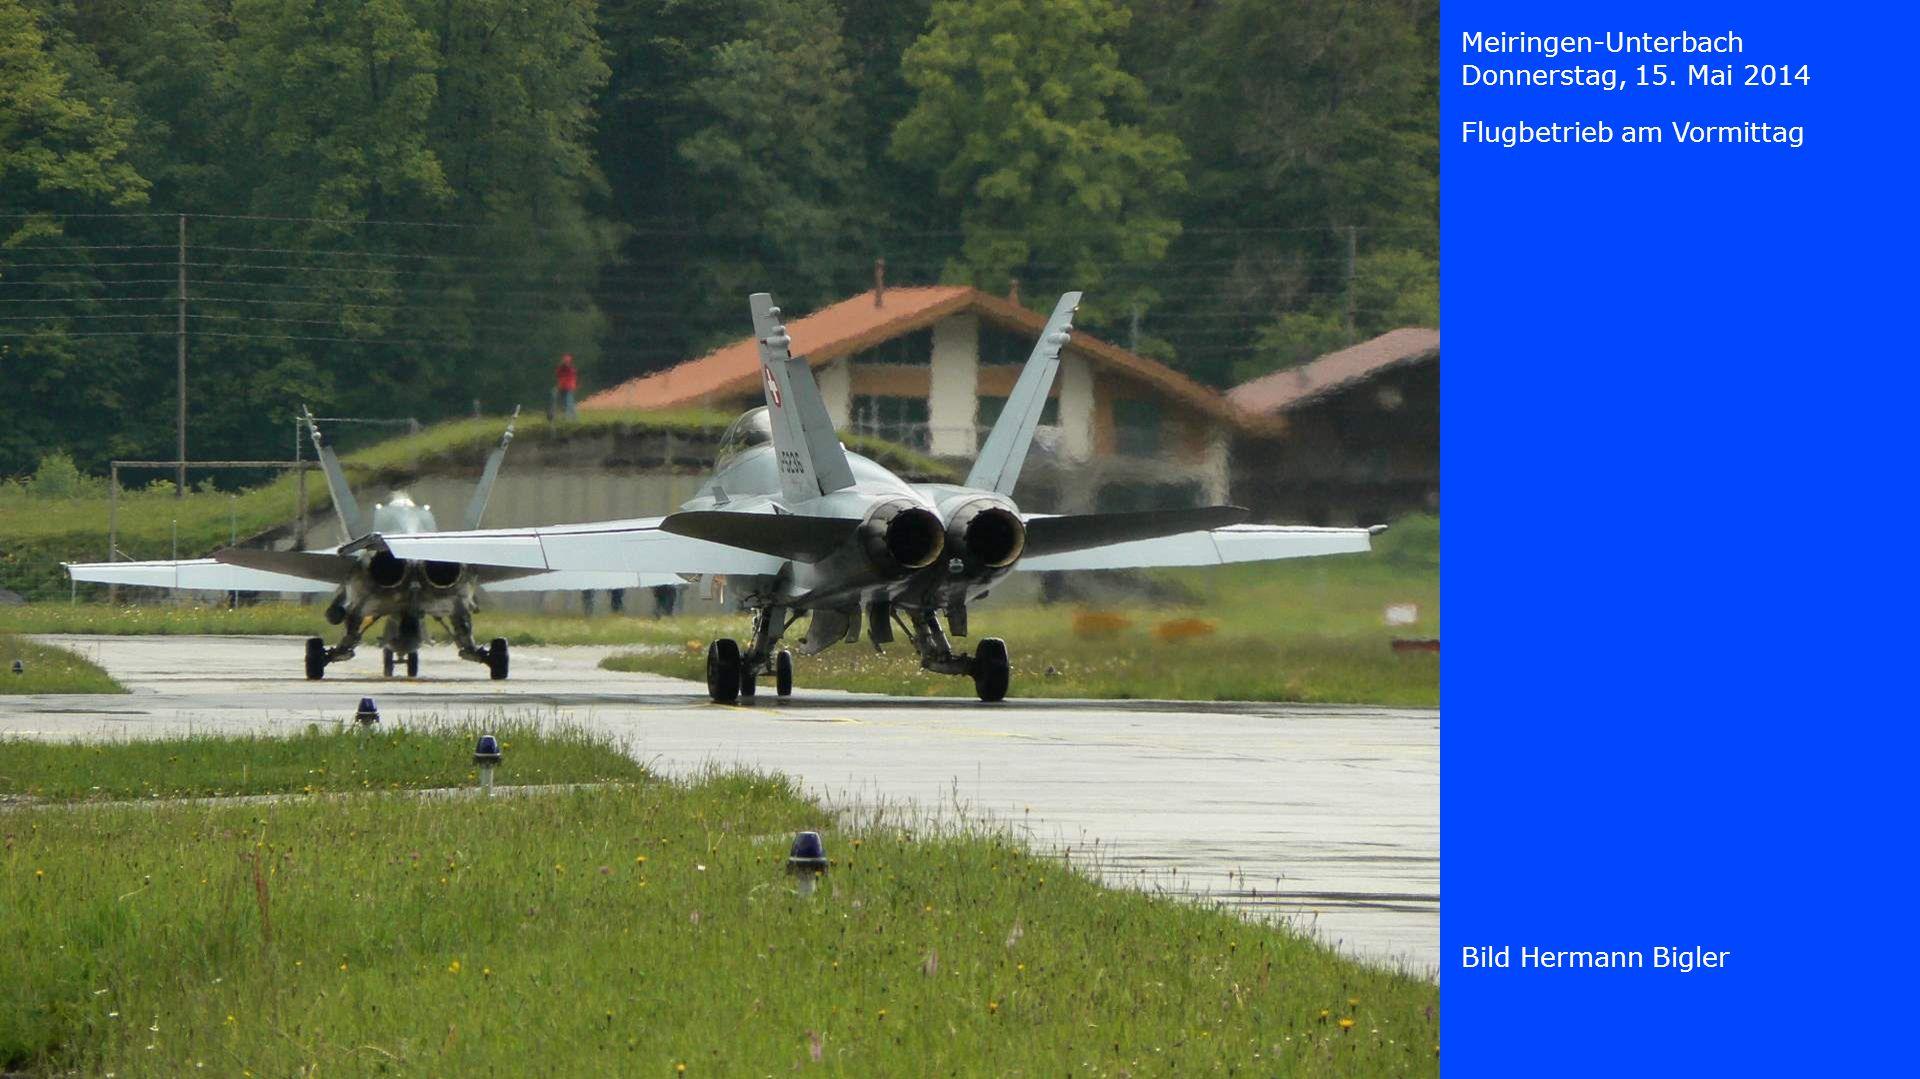 Meiringen-Unterbach Donnerstag, 15. Mai 2014 Bild Hermann Bigler Flugbetrieb am Vormittag